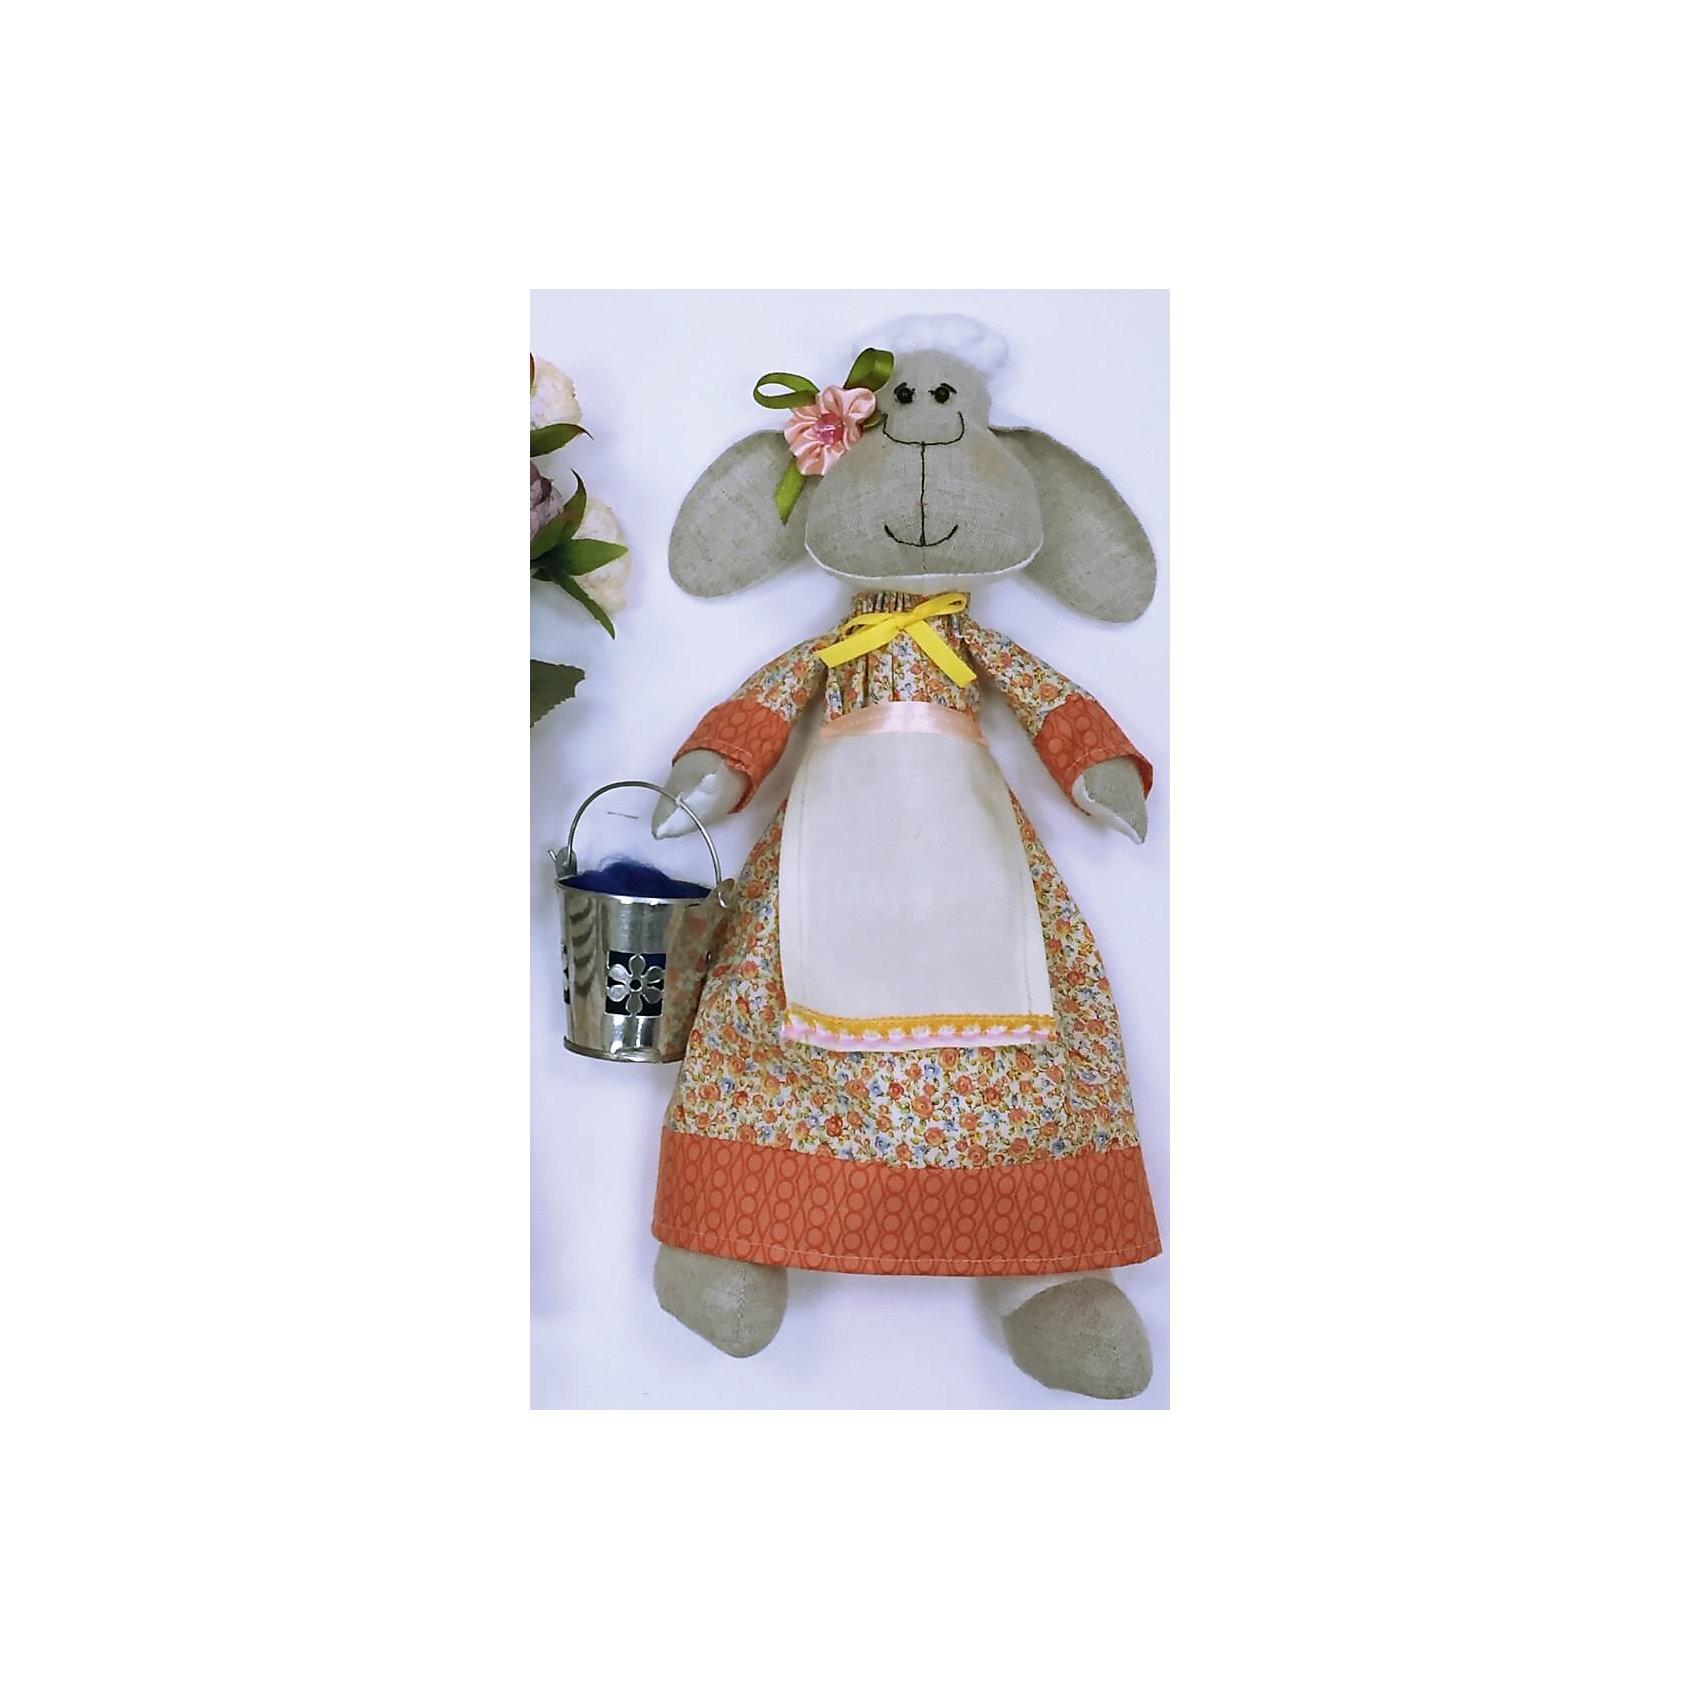 Набор для шитья Овечка фермерВ набор входит выкройка, подробная инструкция, лекало, мел, булавки, нитки, наполнитель-холлафайбер, ленты и аксессуары для украшения. Игрушка выполняется из специальной несыпучей ткани для печворка. Своими руками Вы создаете дизайнерскую игрушку<br><br>Ширина мм: 200<br>Глубина мм: 80<br>Высота мм: 260<br>Вес г: 800<br>Возраст от месяцев: 120<br>Возраст до месяцев: 180<br>Пол: Унисекс<br>Возраст: Детский<br>SKU: 5350860